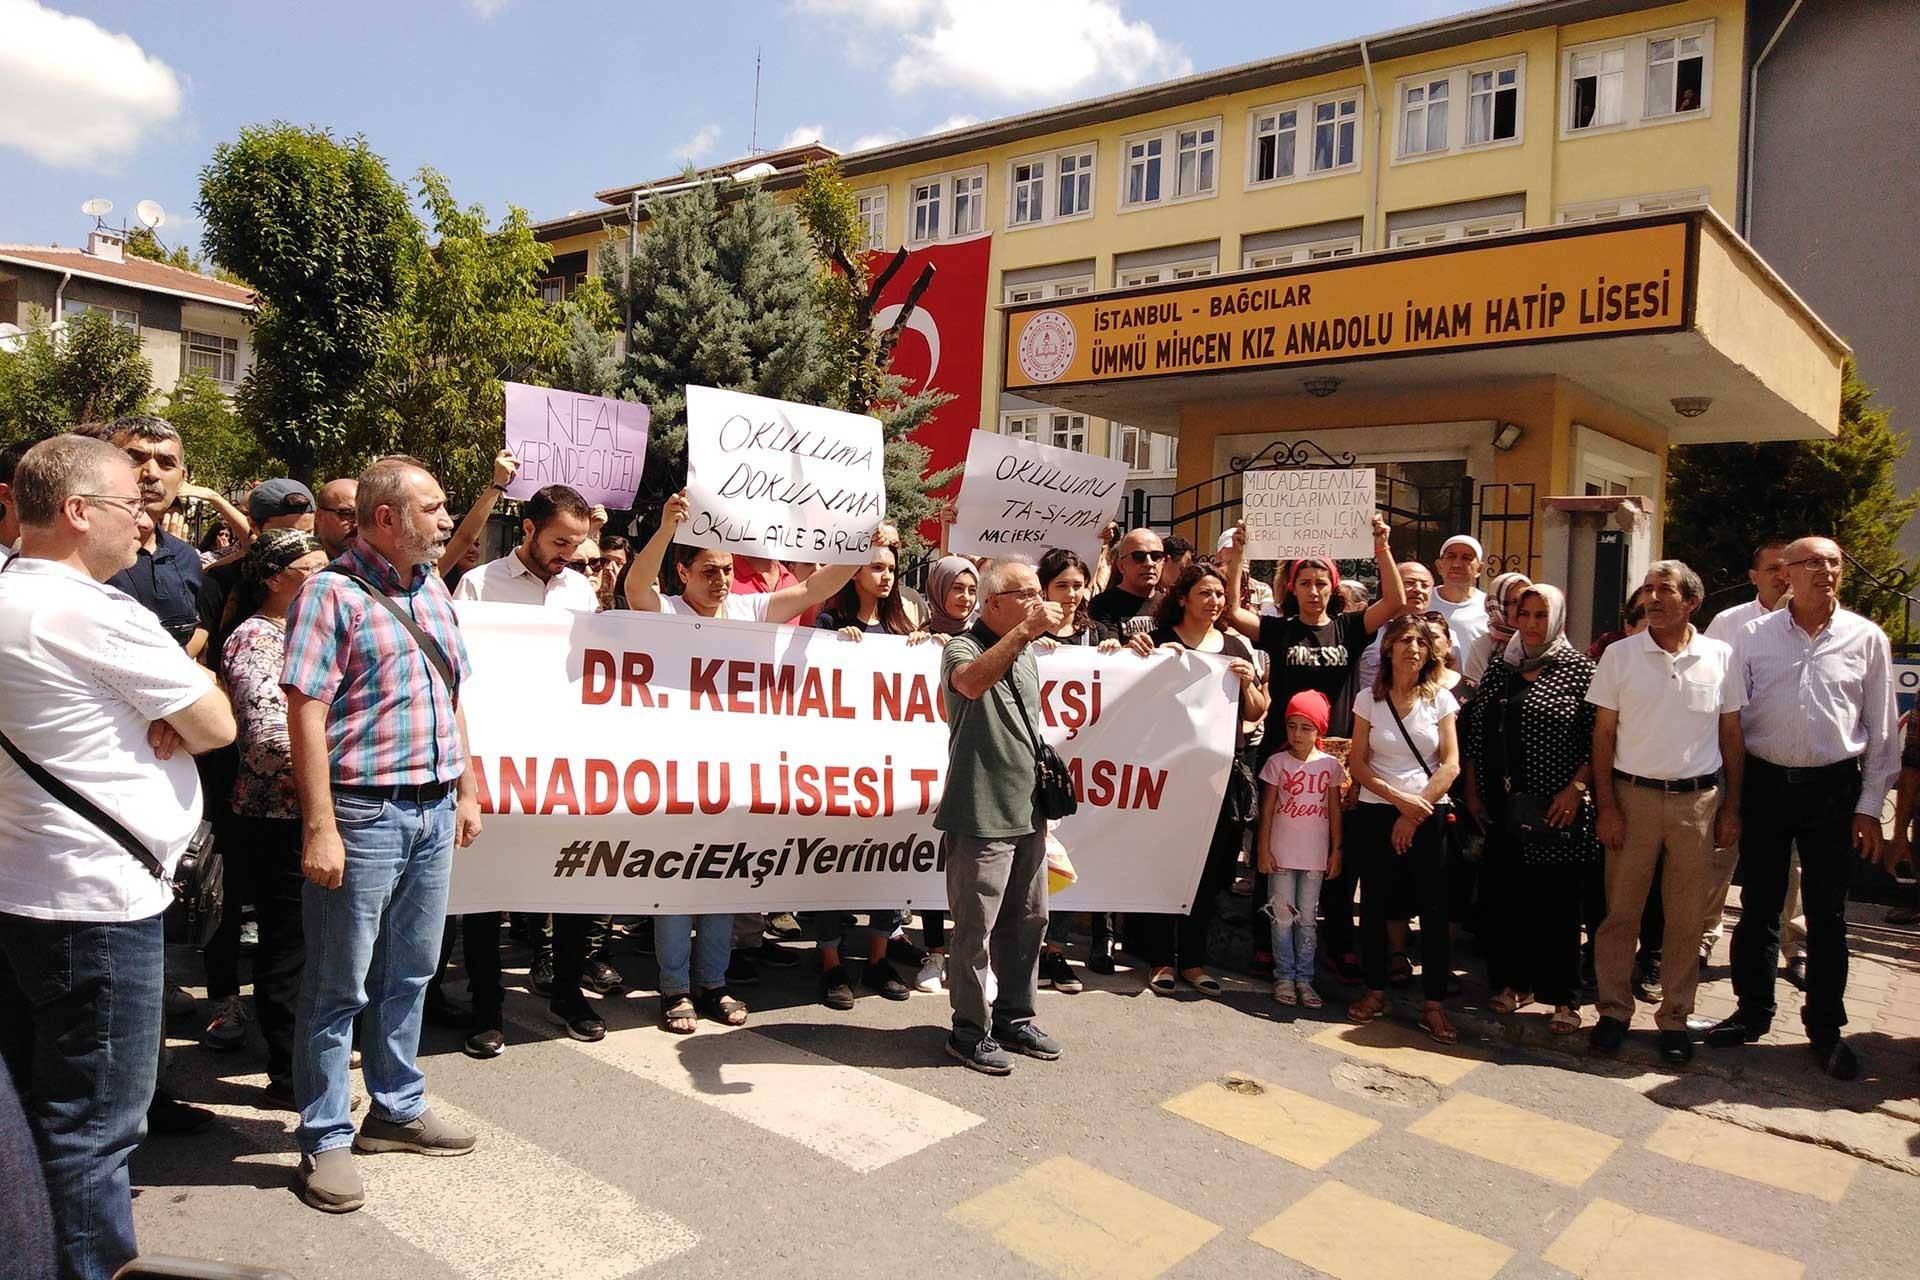 Dr. Naci Ekşi Anadolu Lisesinin imam hatibe dönüştürülmesine tepki